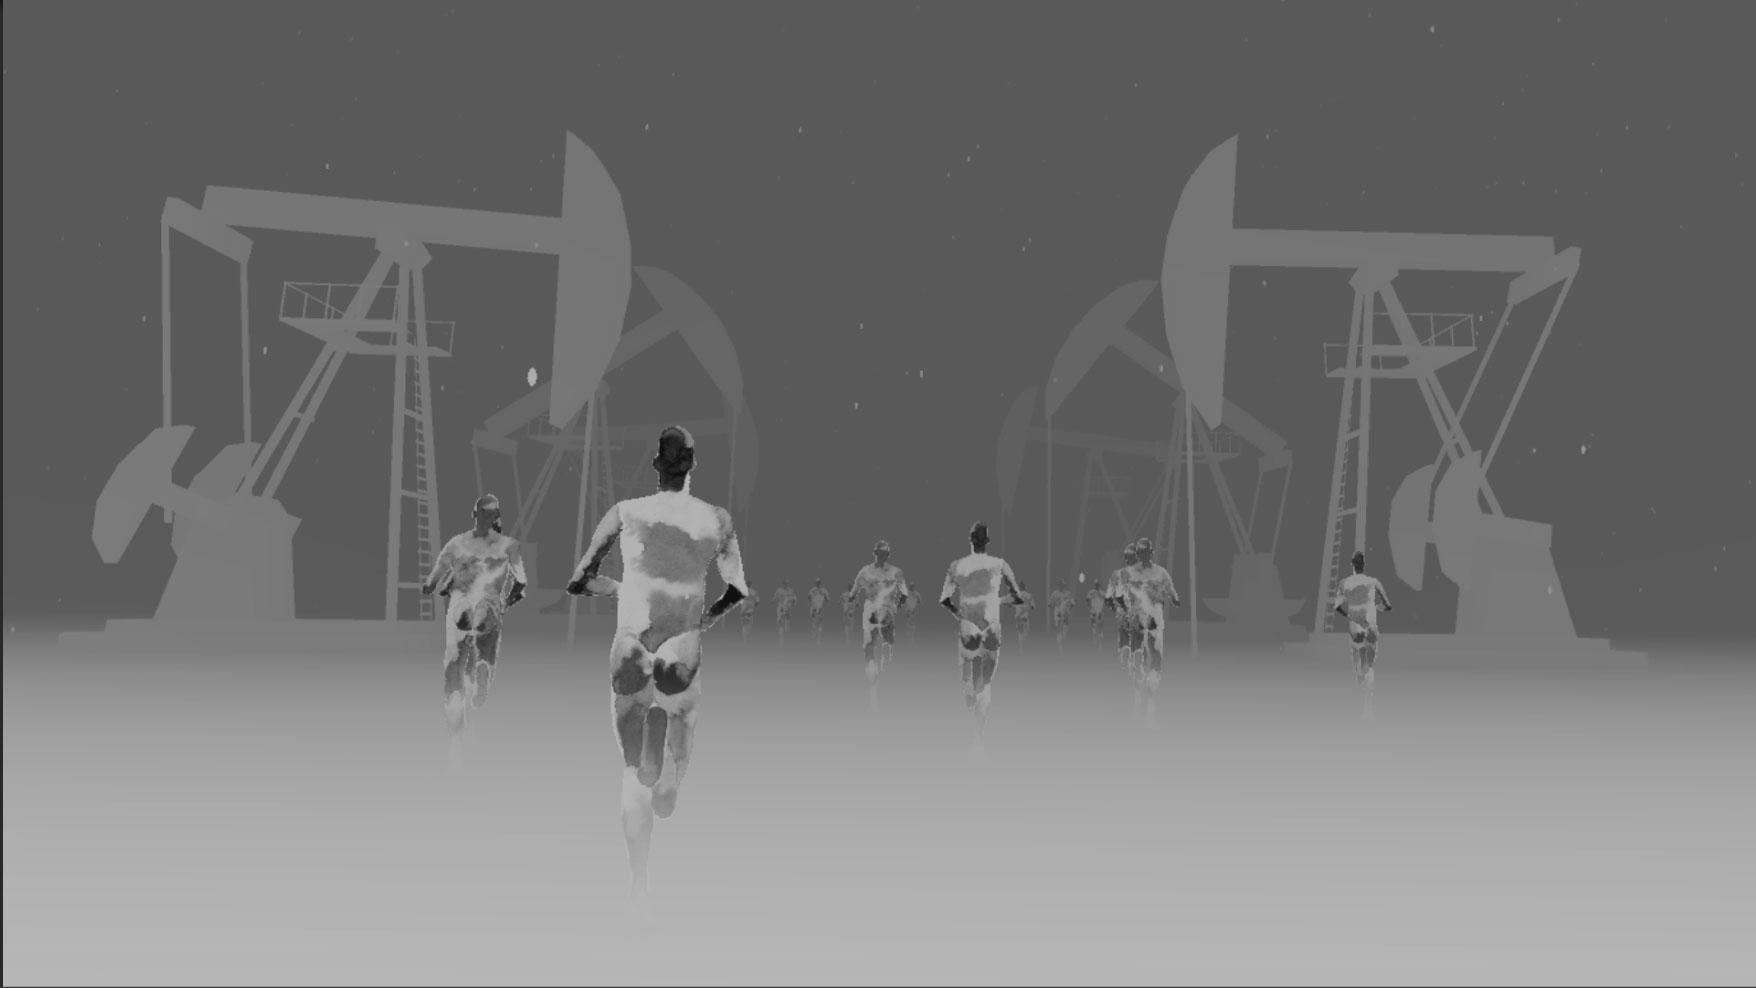 Микита Шаленний: Завдання віртуальної реальності - створювати інший вимір. 4